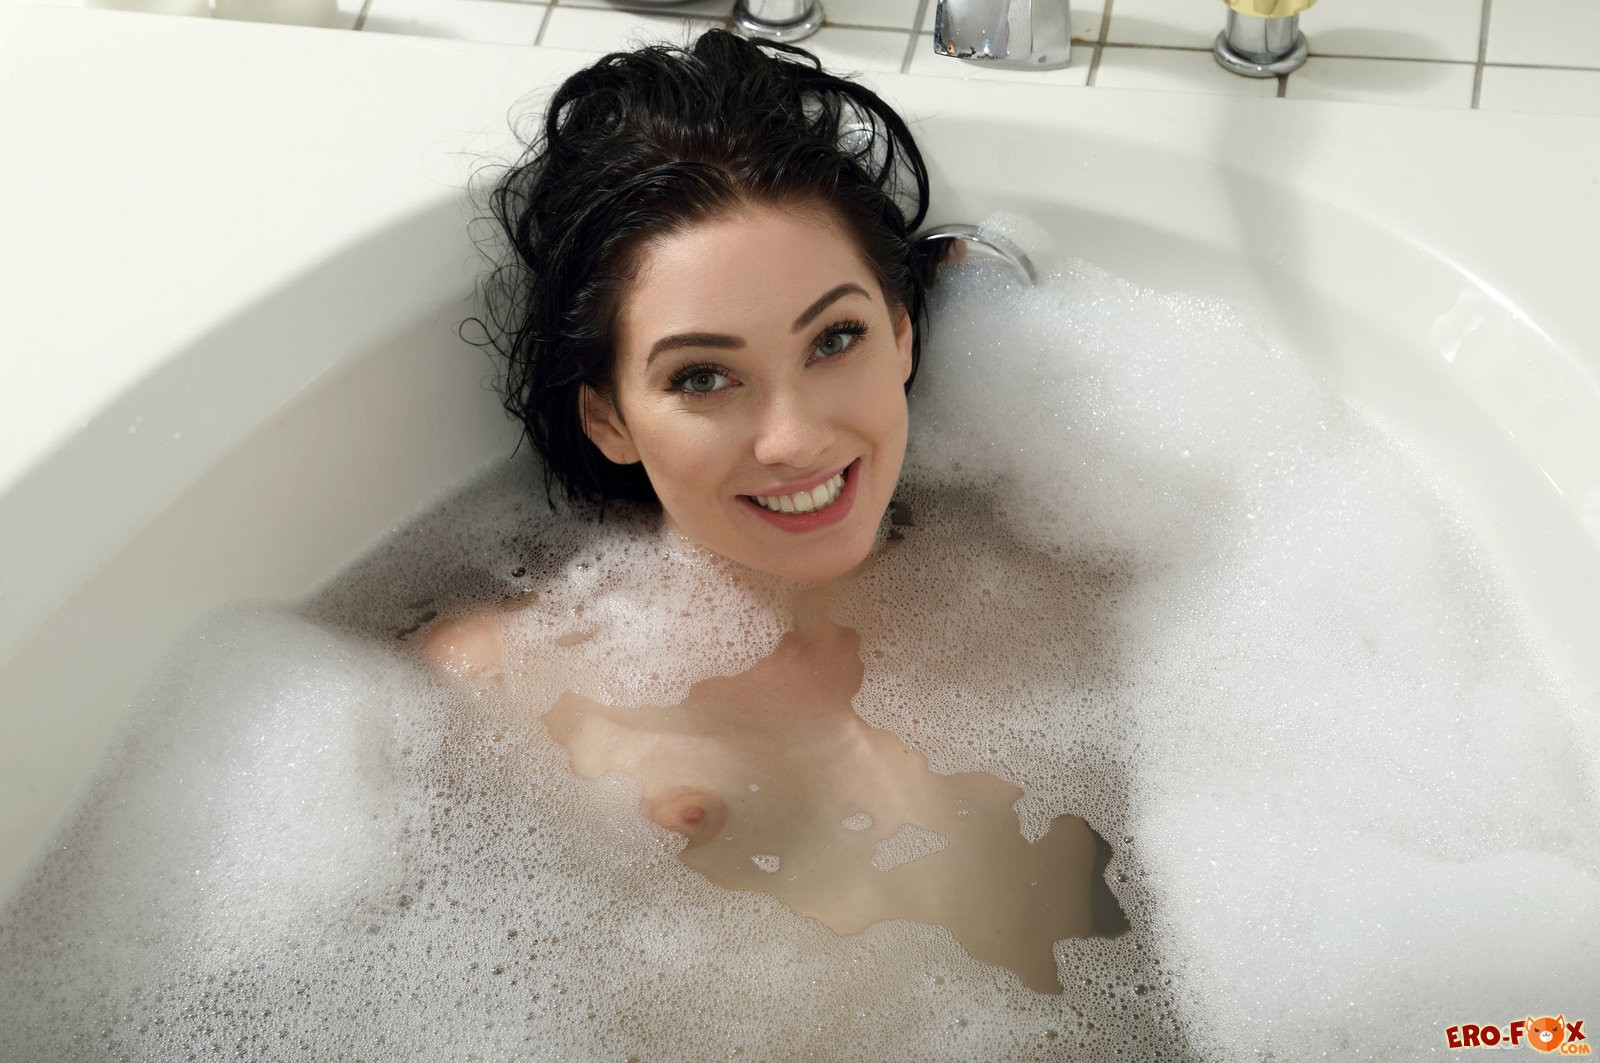 Голая попка девушки в ванной с пеной